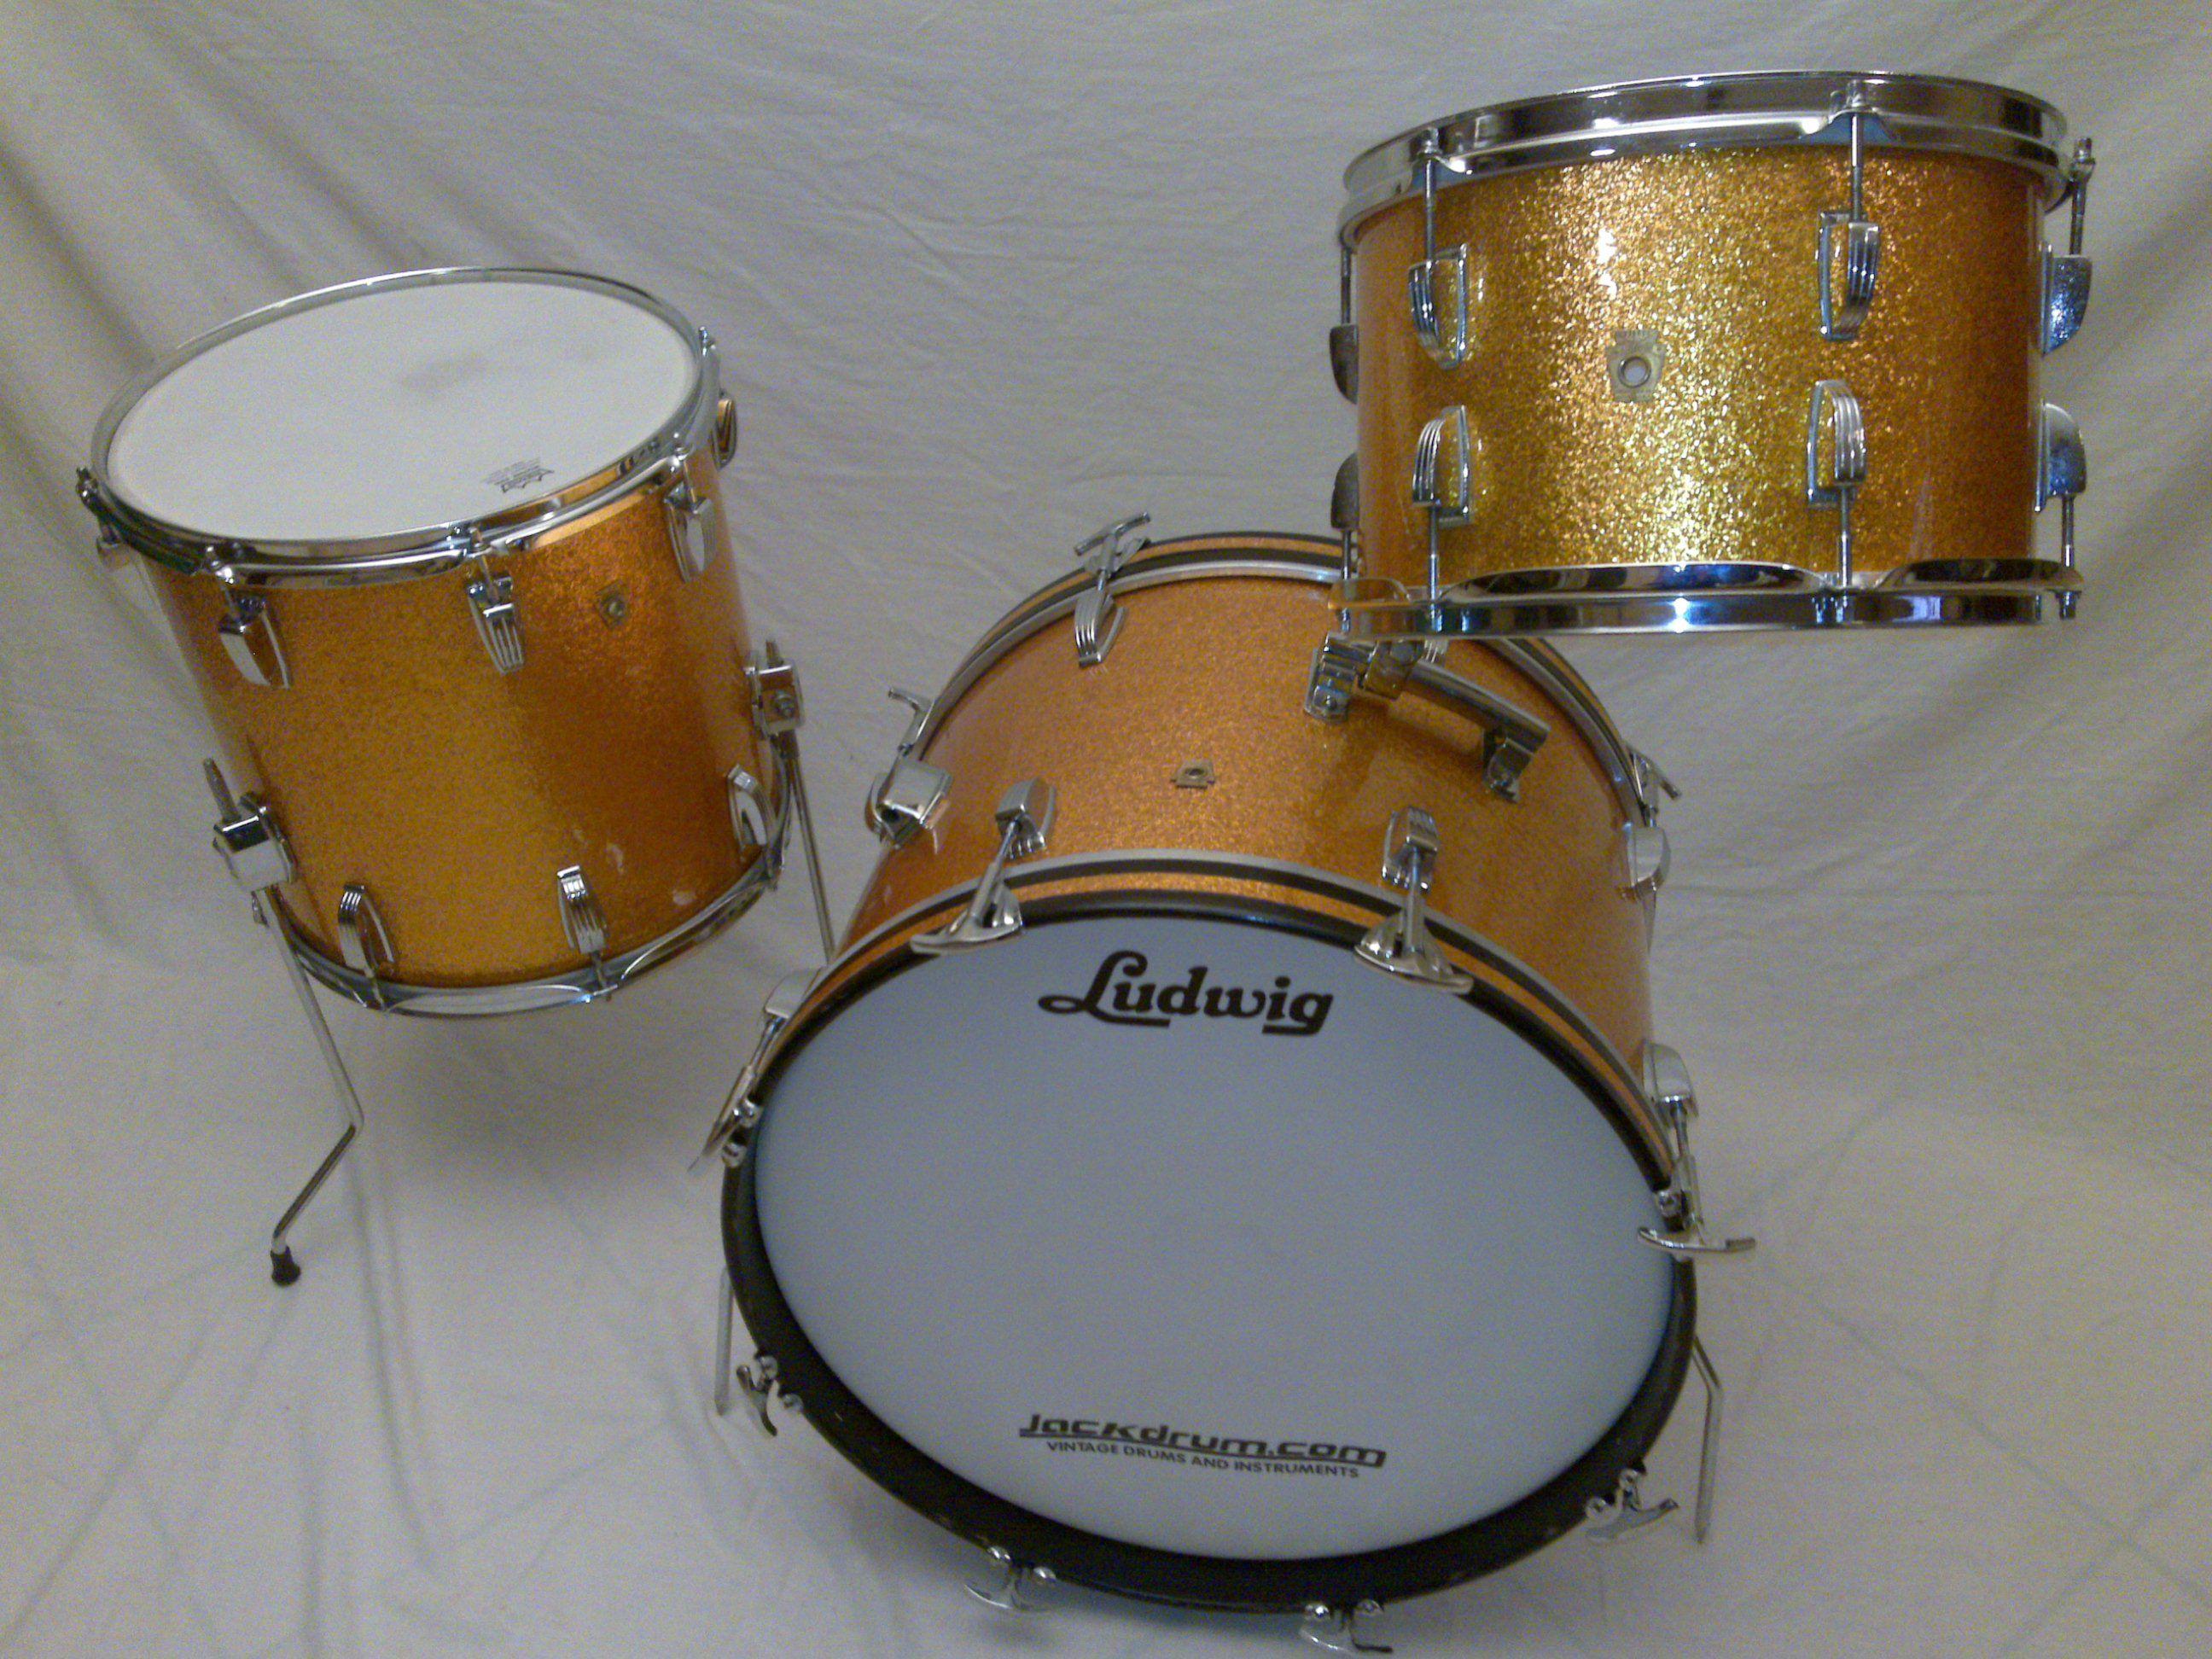 1966 vintage ludwig downbeat gold sparkle drum set sold vintage drums on sale batteria. Black Bedroom Furniture Sets. Home Design Ideas